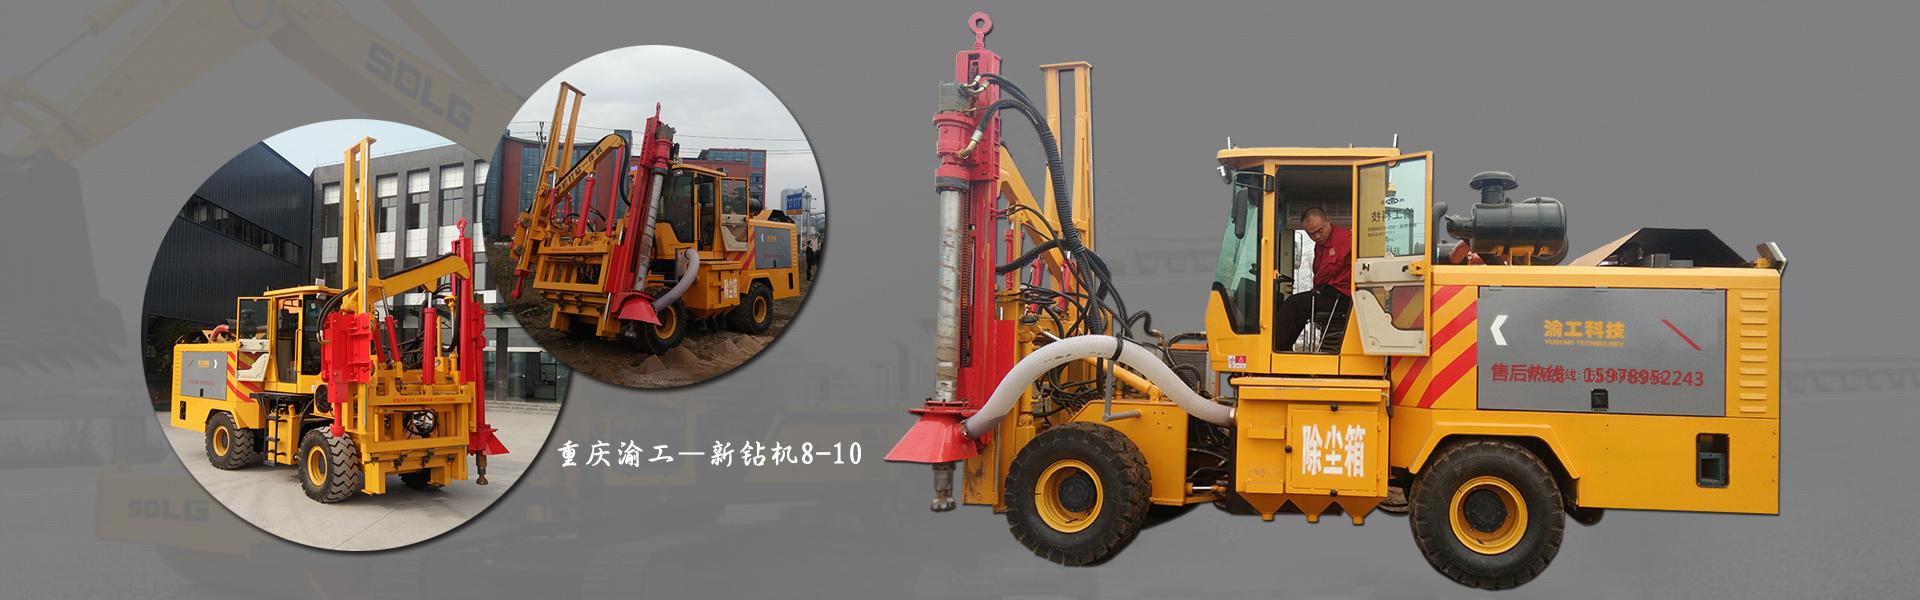 重庆渝工科技新设备—新钻机8-10型号介绍